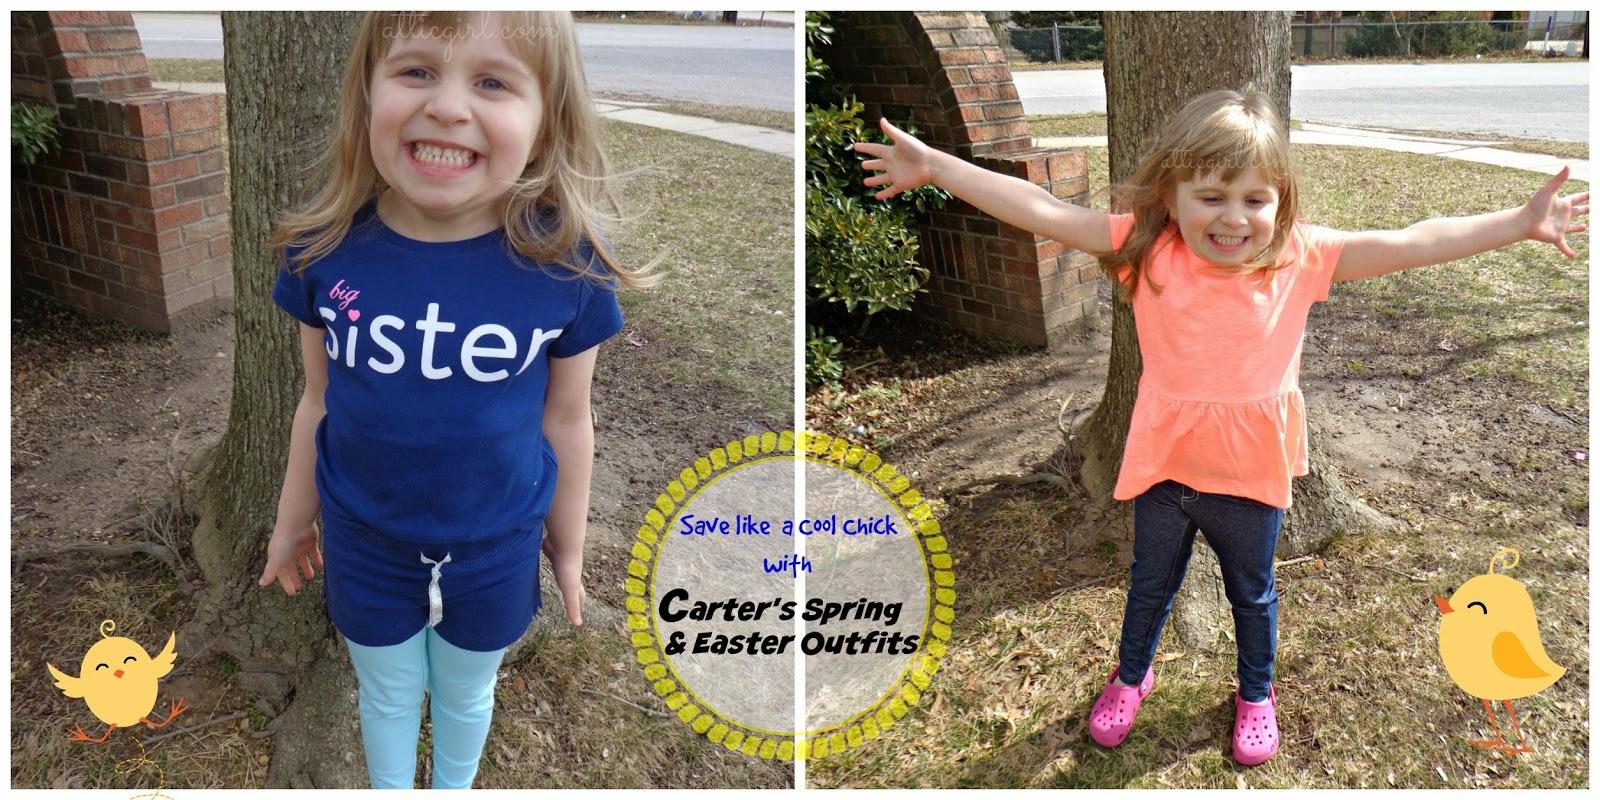 Spring into Carter's